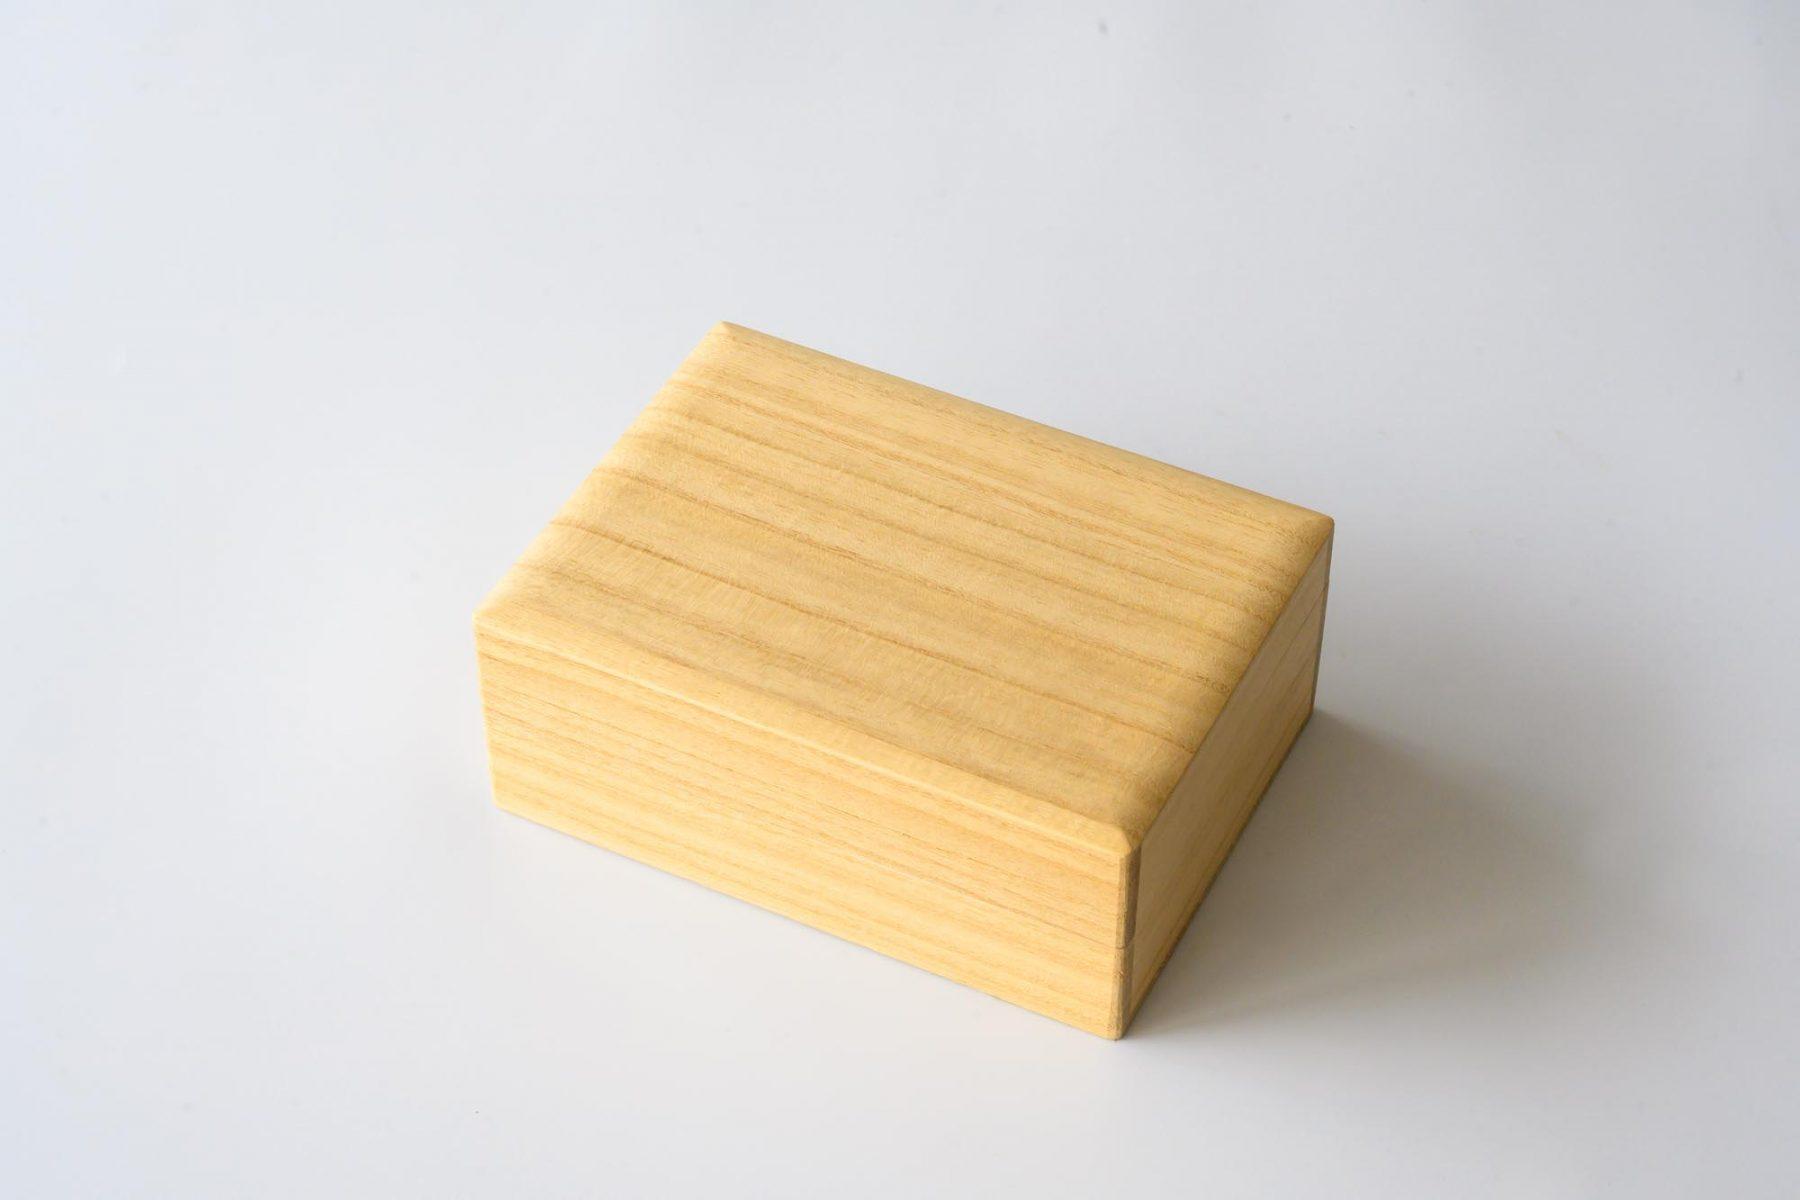 キーホルダーのケース(桐箱)